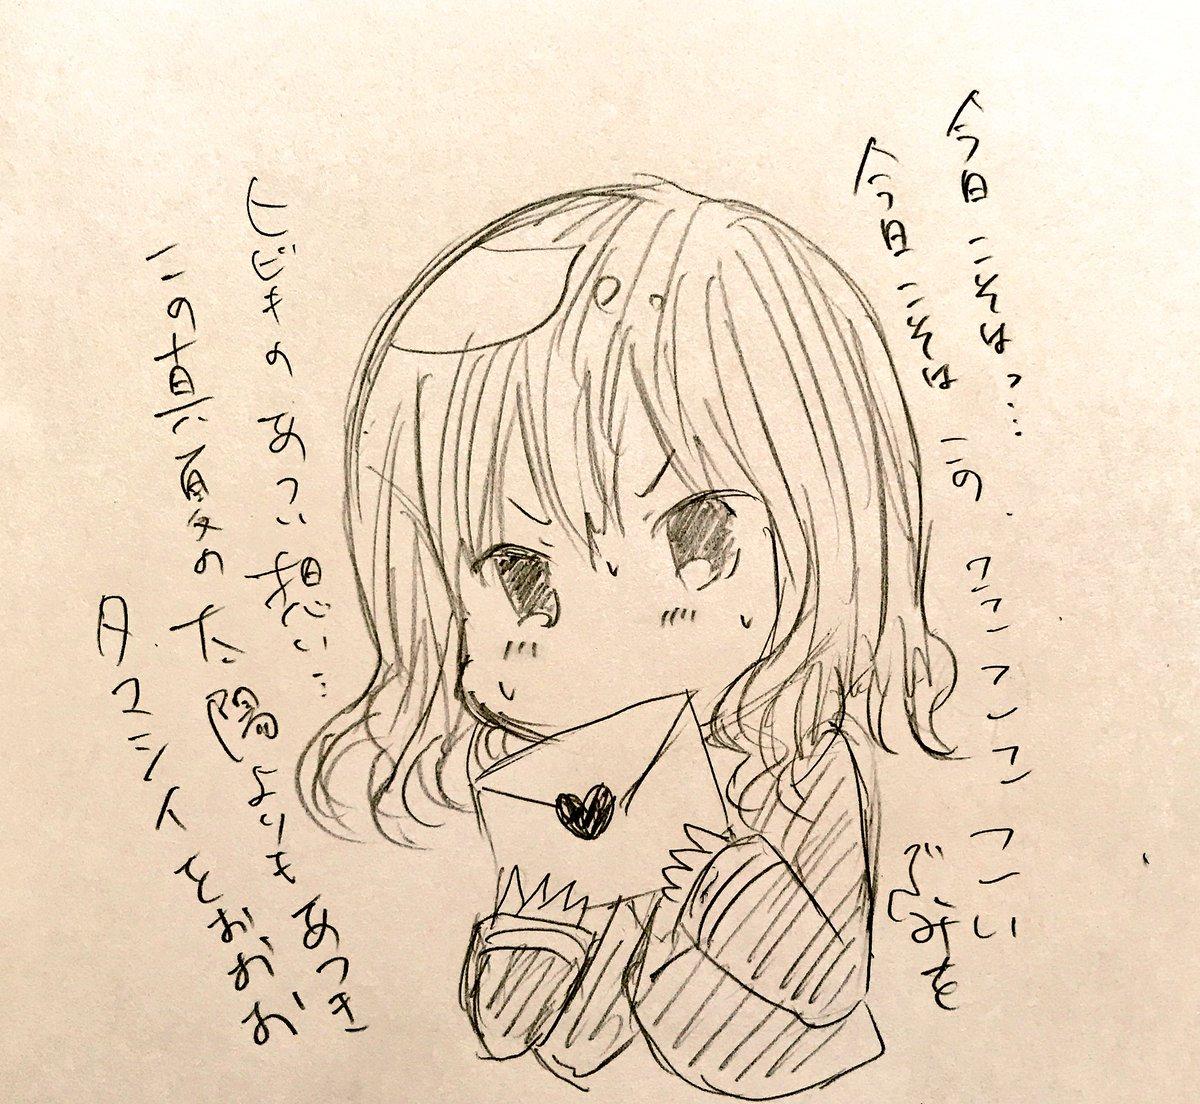 """ヒビキは夏でも熱い女の子。(誰に対してかは言わずもがな)""""あんハピ♪の響をお願いします!"""""""